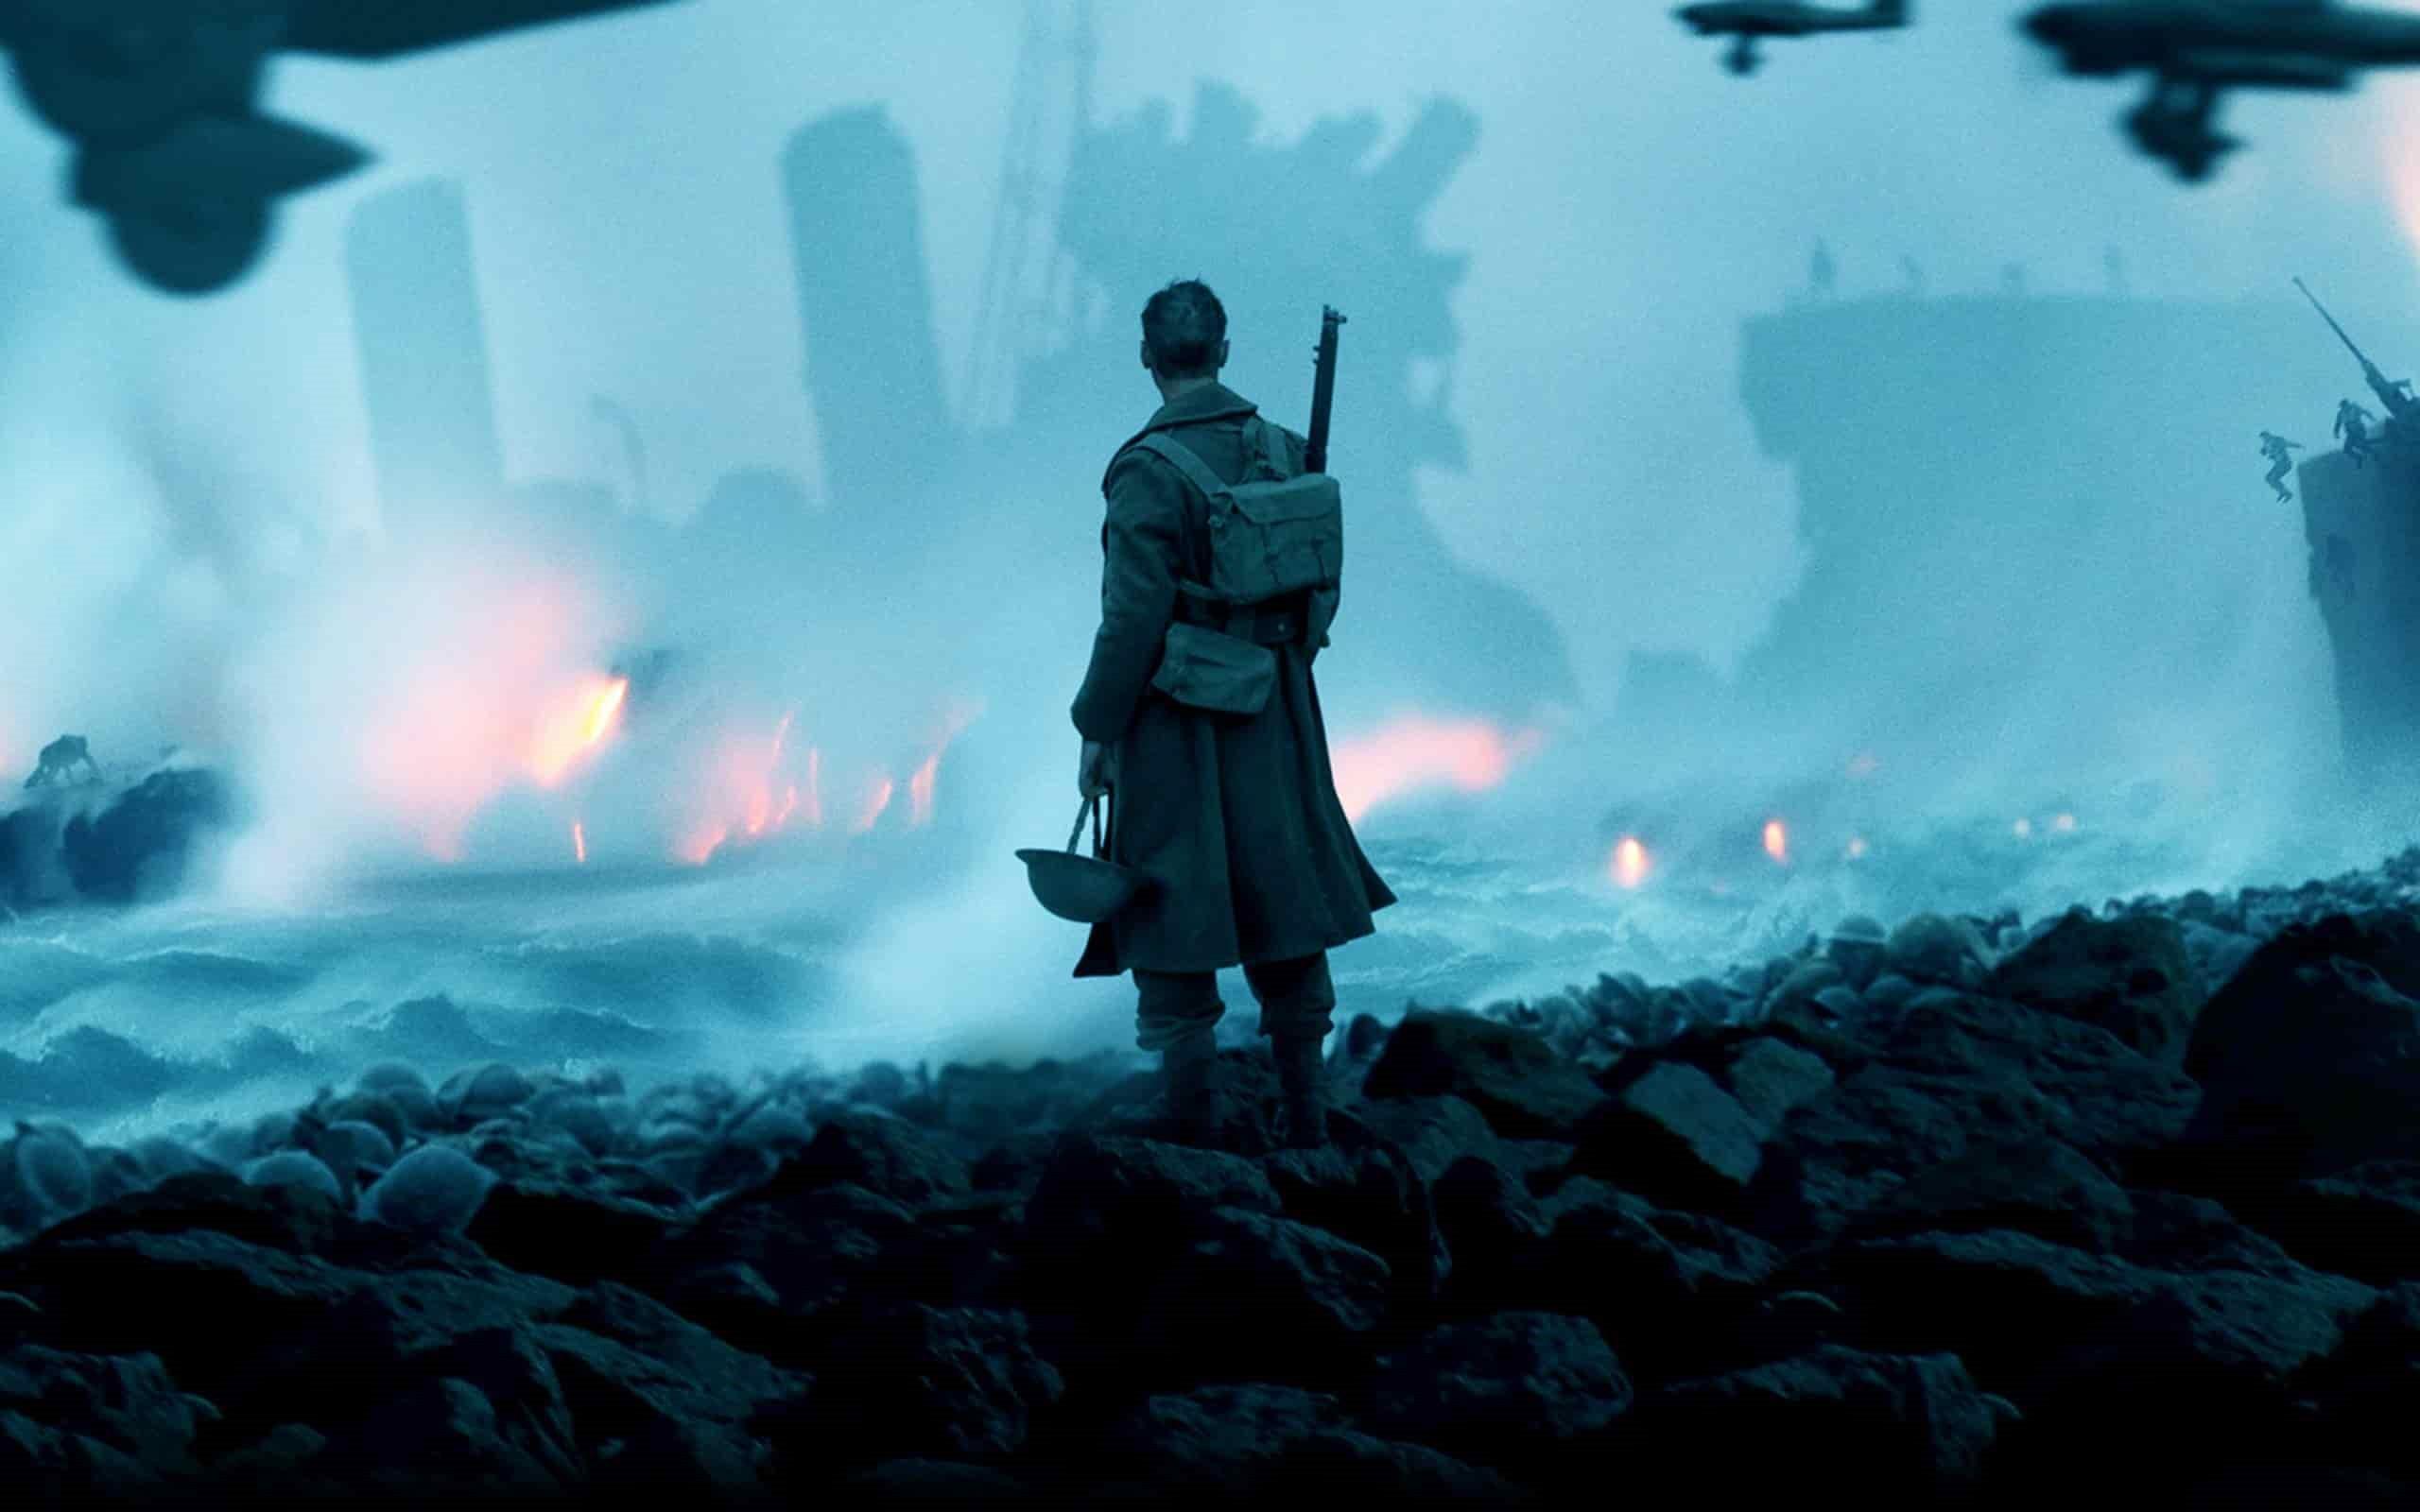 Poster till Dunkirk av Christopher Nolan - ny krigsfilm från 2017